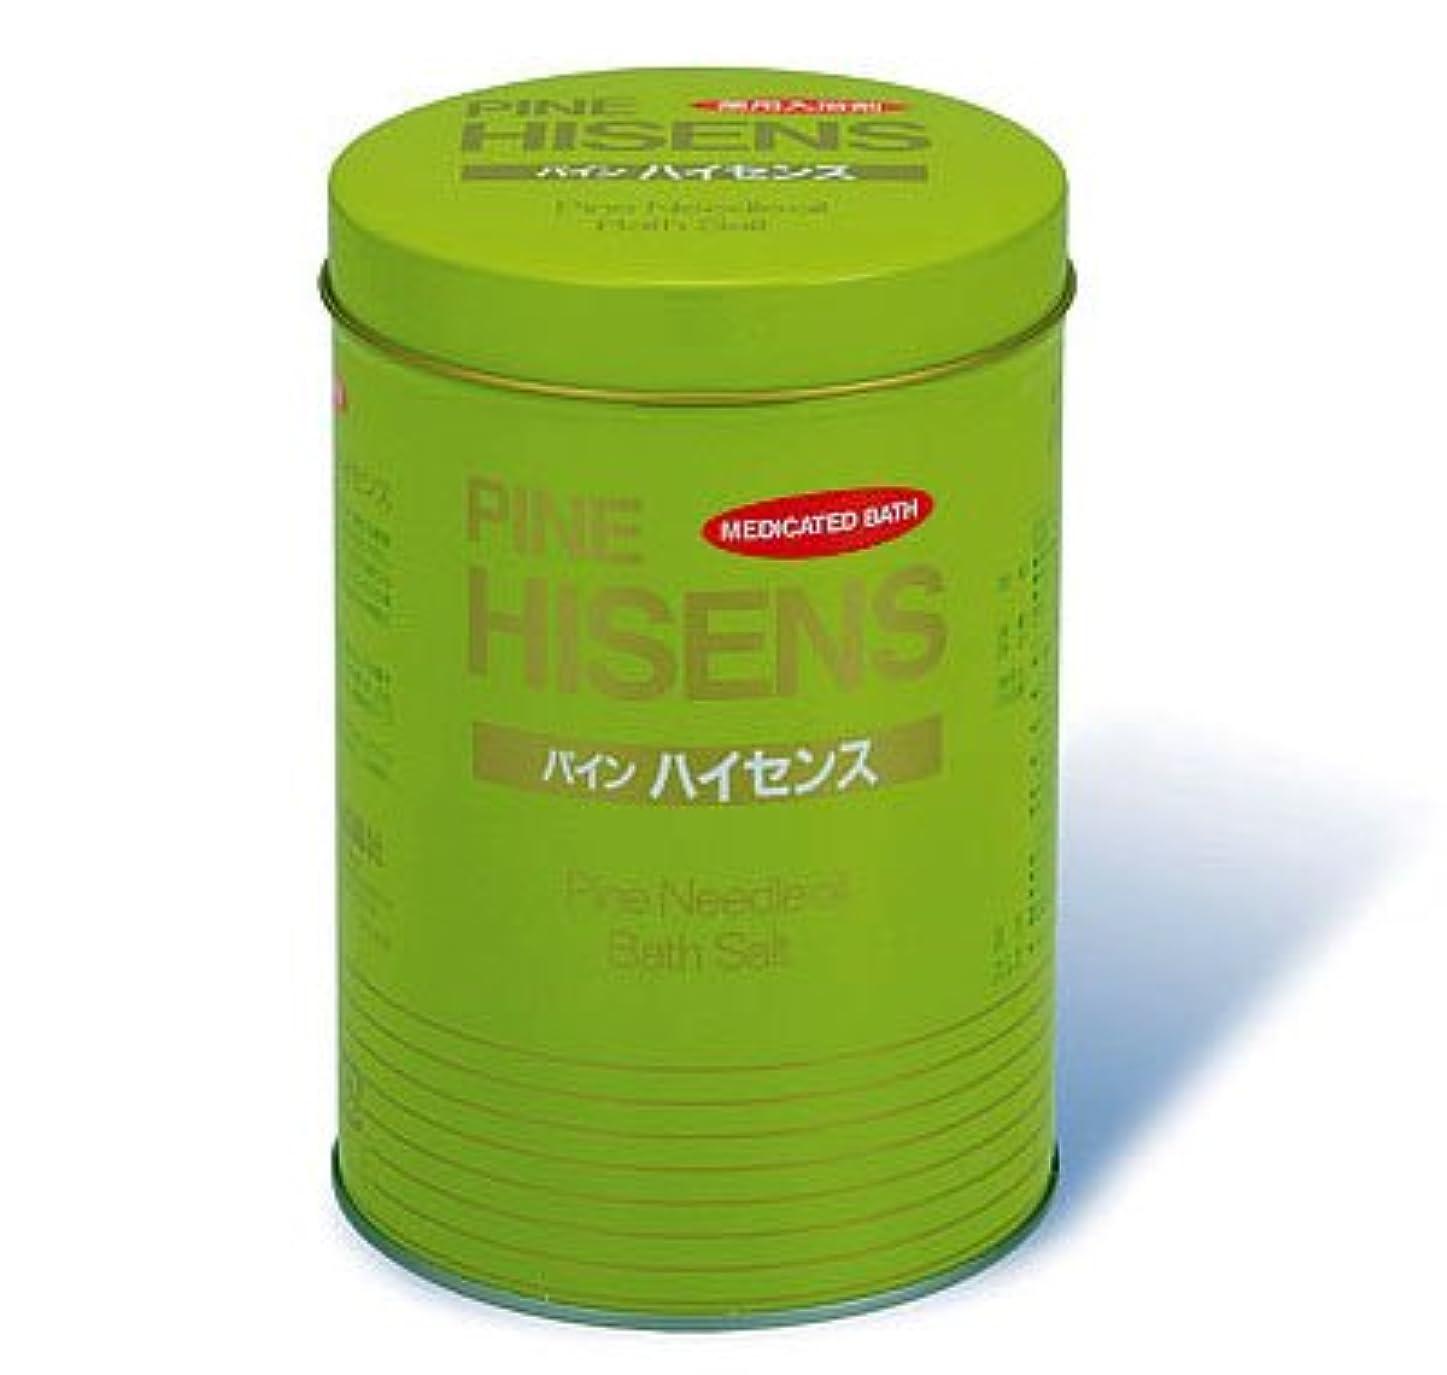 ロゴふくろう市町村高陽社 薬用入浴剤 パインハイセンス 2.1kg 1缶